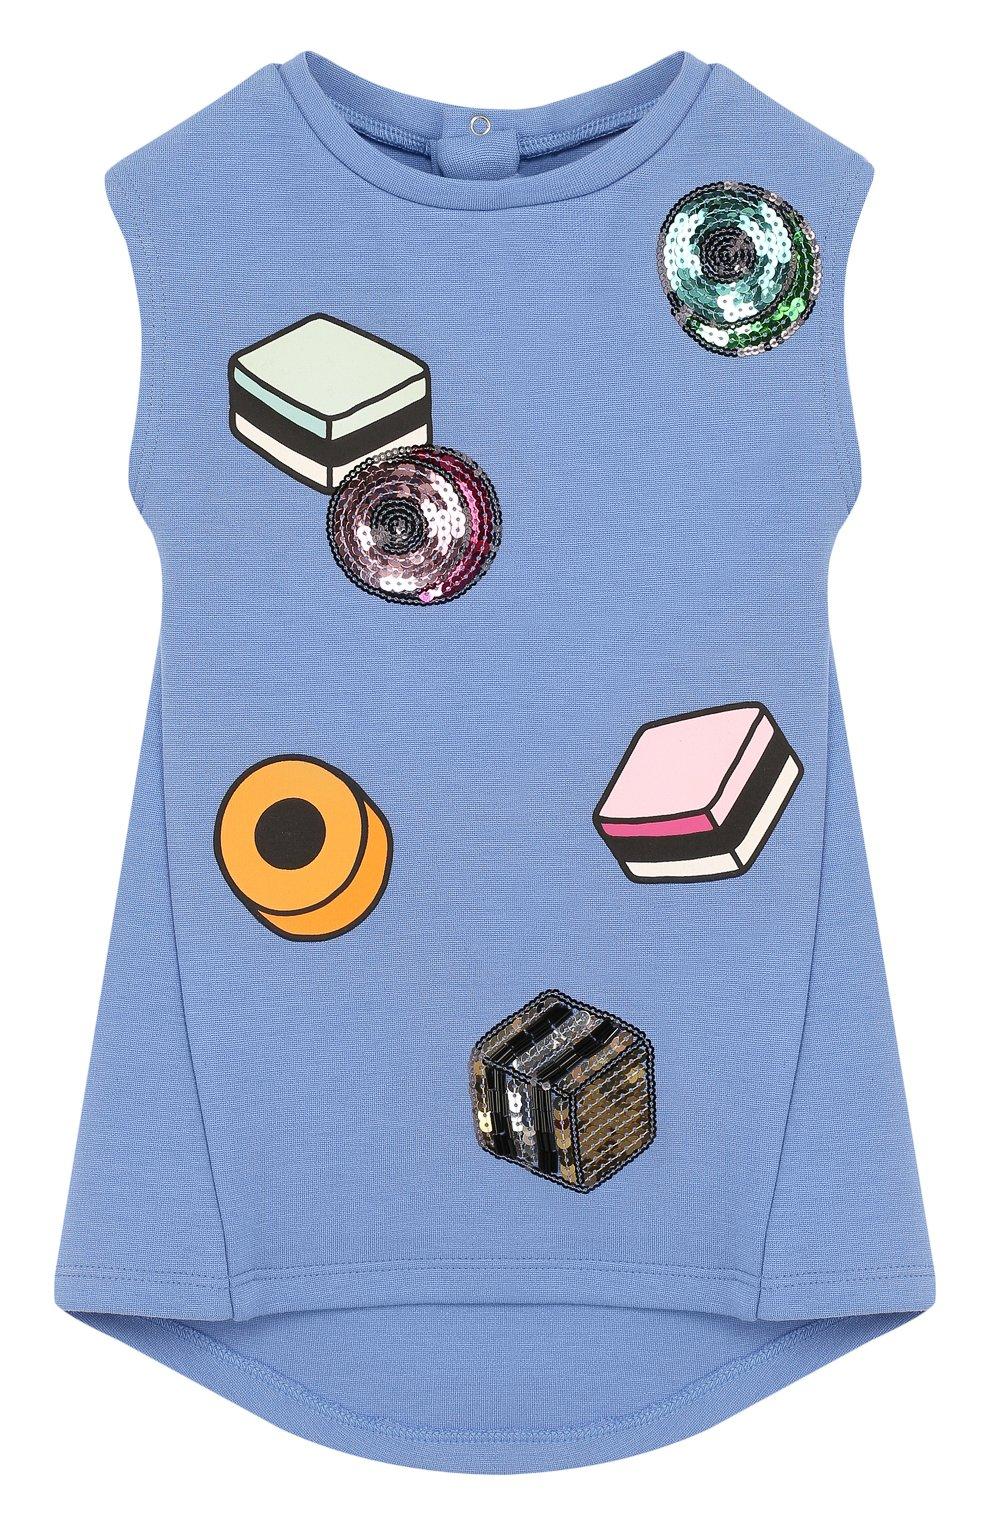 Женская платье с принтом и отделкой пайетками MARC JACOBS (THE) голубого цвета, арт. W02109 | Фото 1